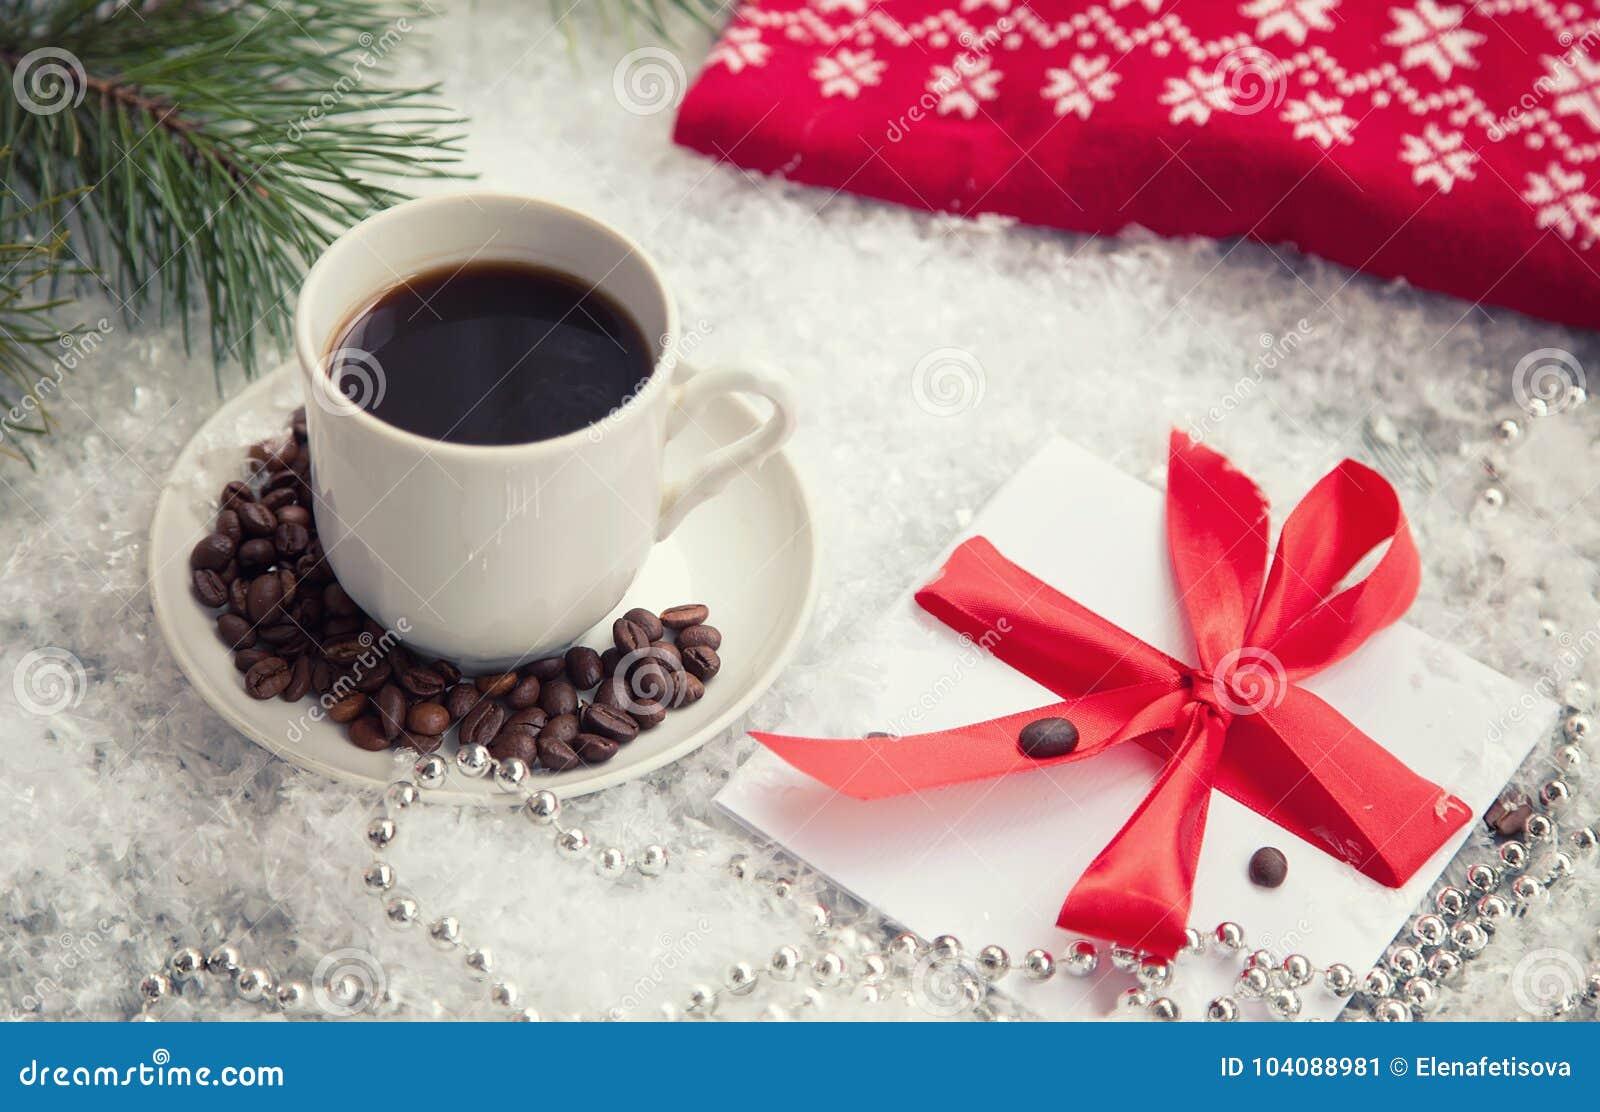 Heißer Kaffee, roter warmer Pullover und Buchstabe von Santa Claus auf einem schneebedeckten Hintergrund